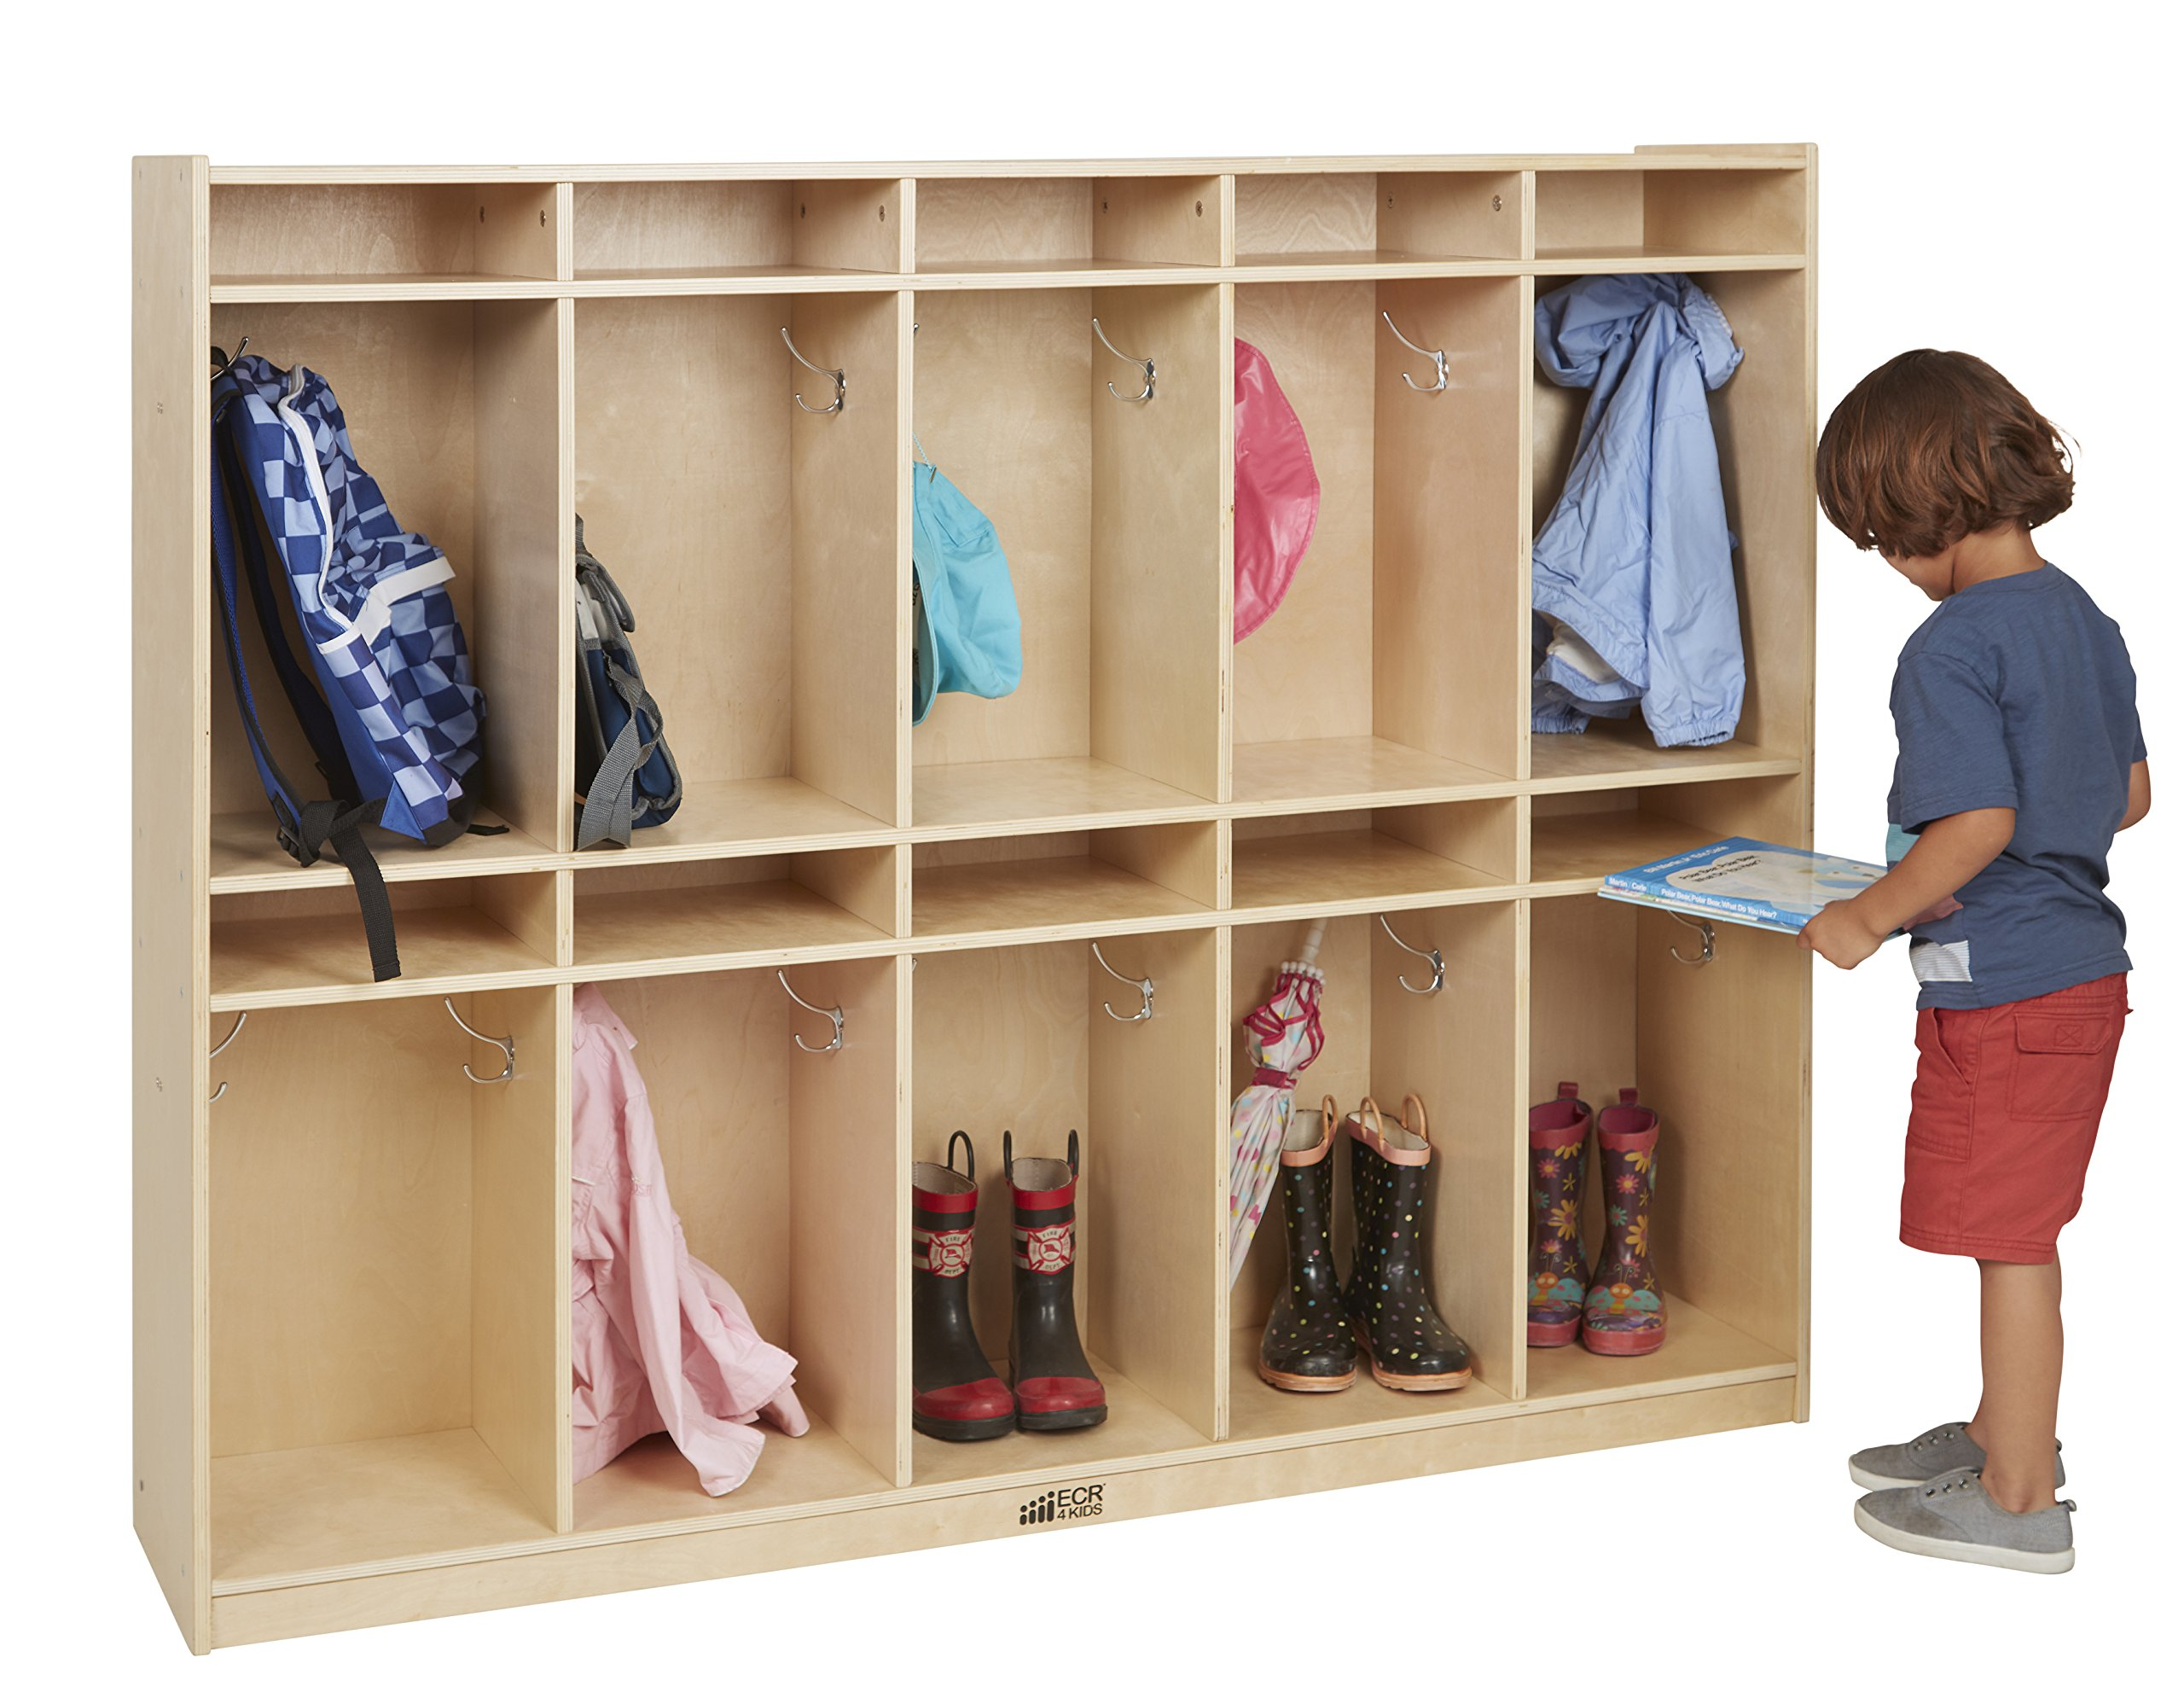 ECR4Kids Birch 10-Section School Classroom Coat Locker for Storage with Hooks by ECR4Kids